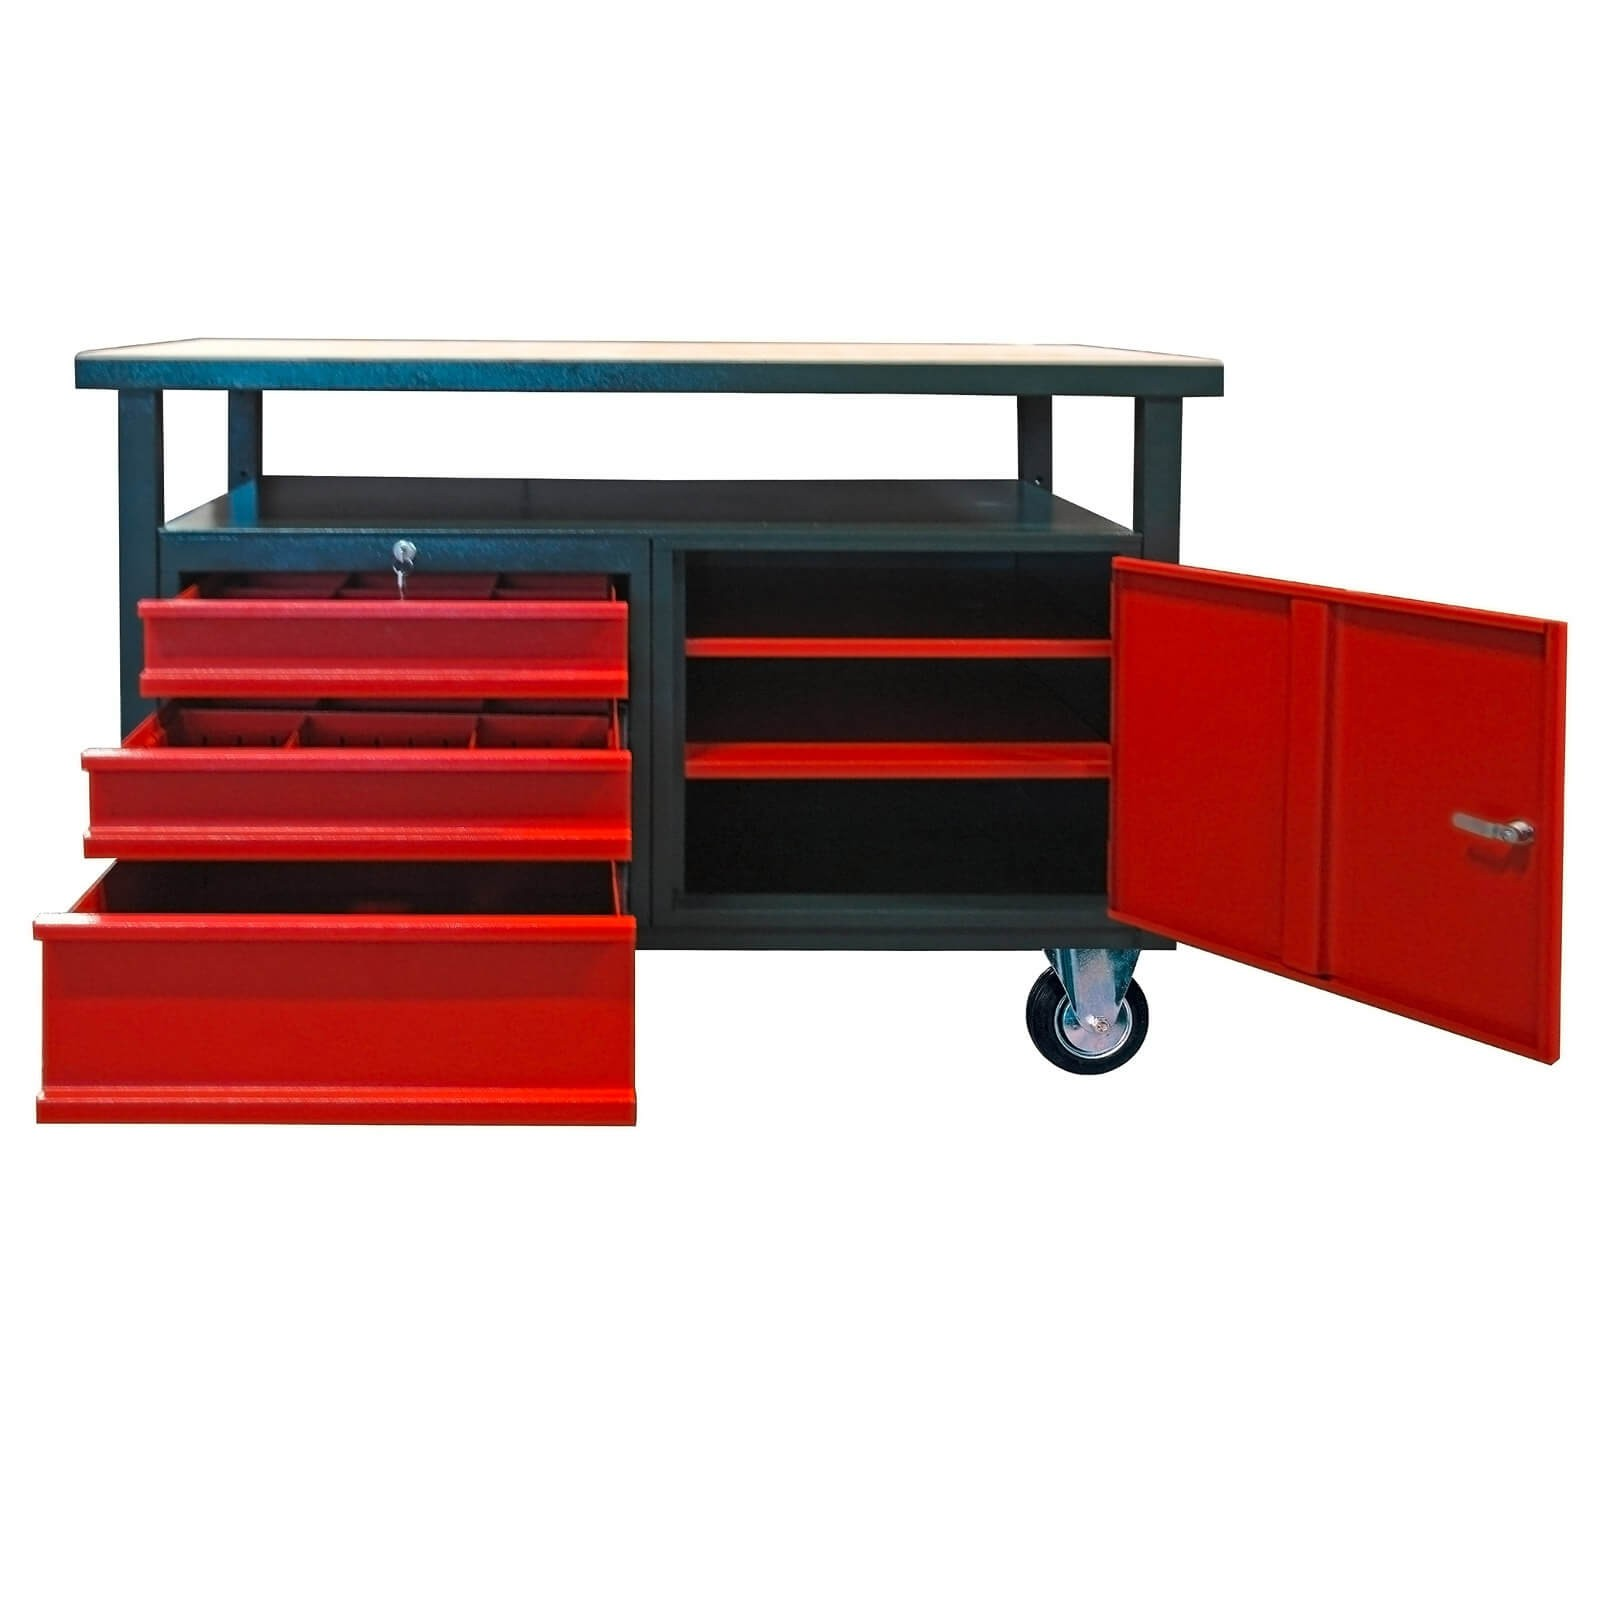 werkbank werktisch arbeitstisch 3 schubladen 1 t r mit rollen fahrbar ebay. Black Bedroom Furniture Sets. Home Design Ideas